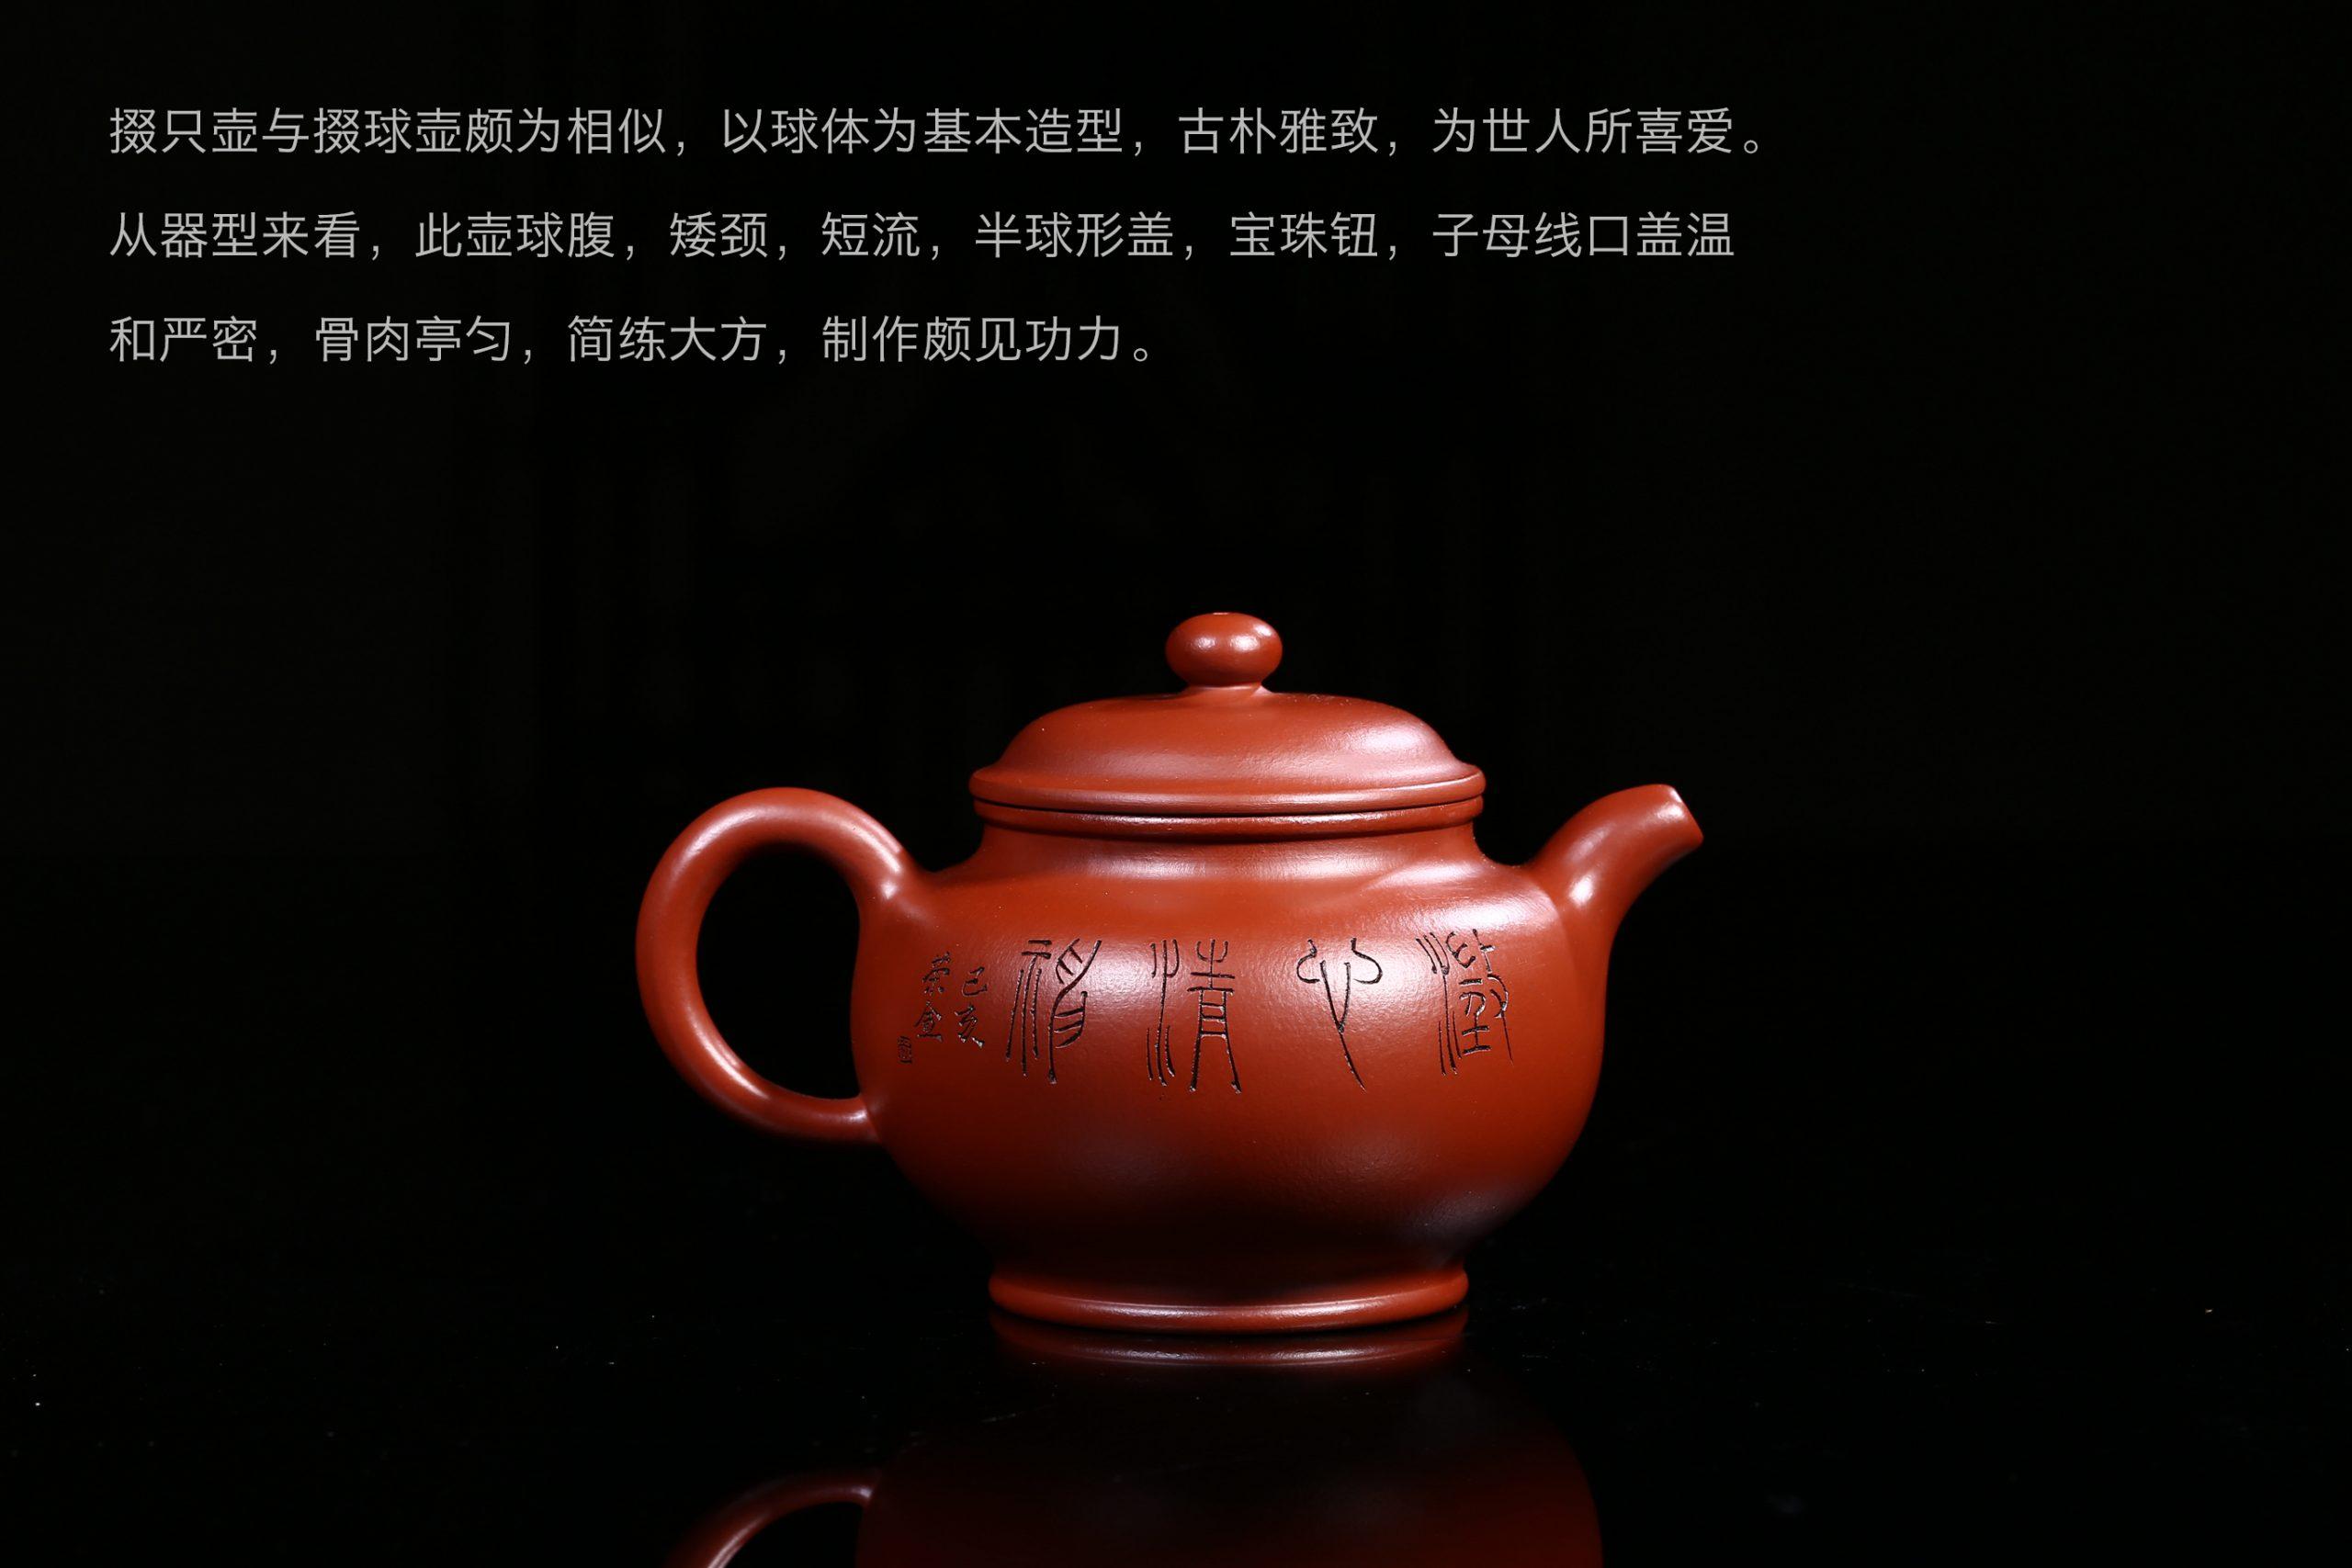 紫砂艺人制壶工艺远比职称重要